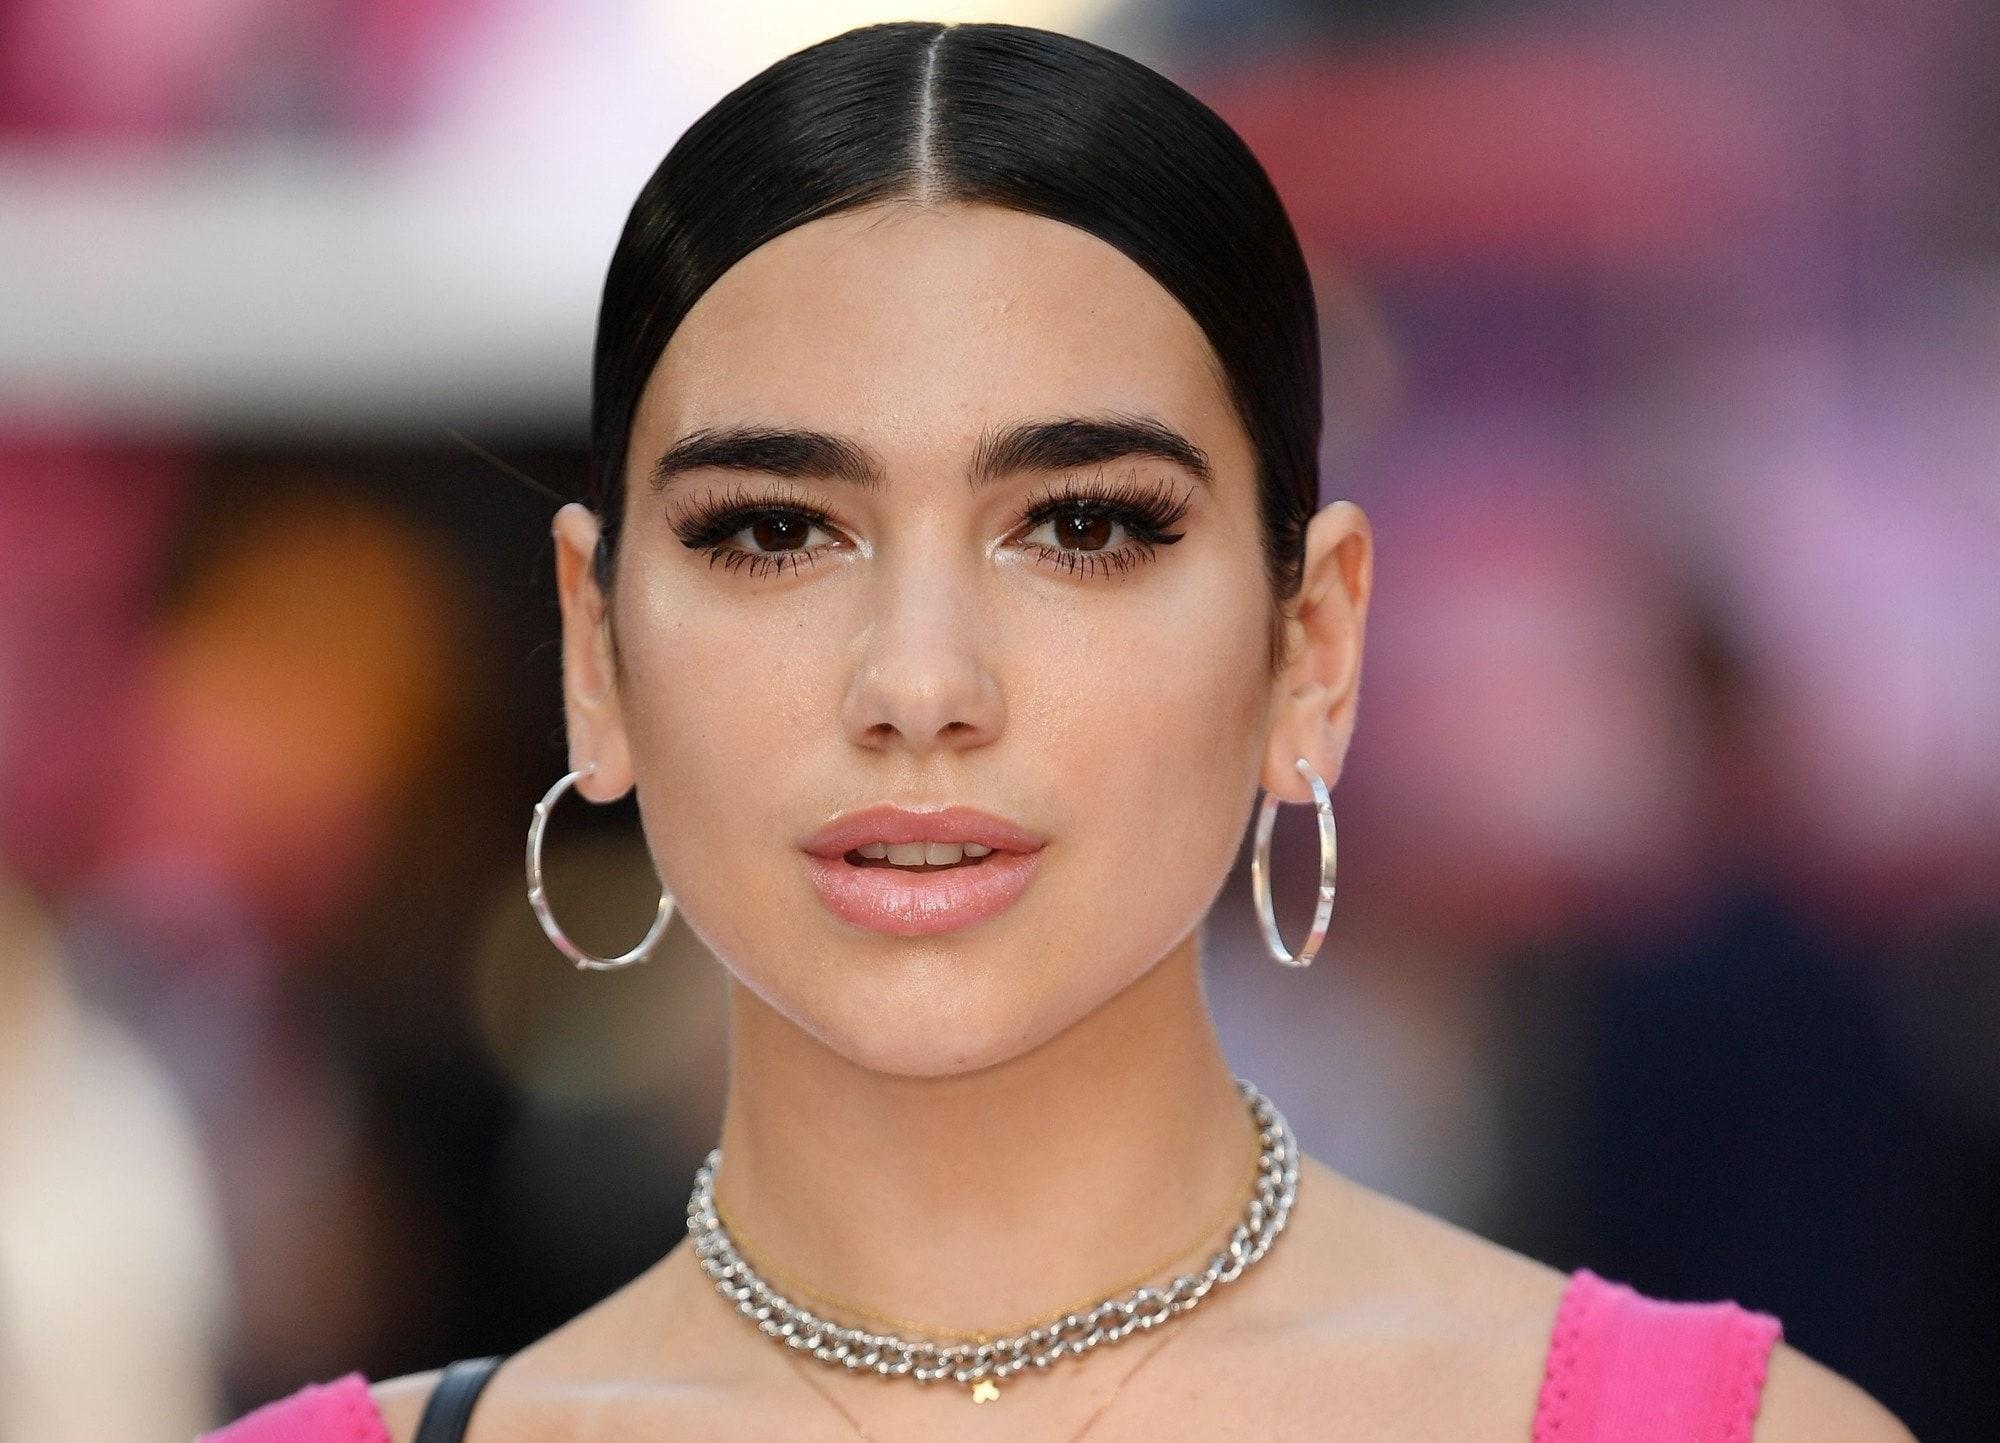 9 Slick Back Hair Styles For Women For 2019